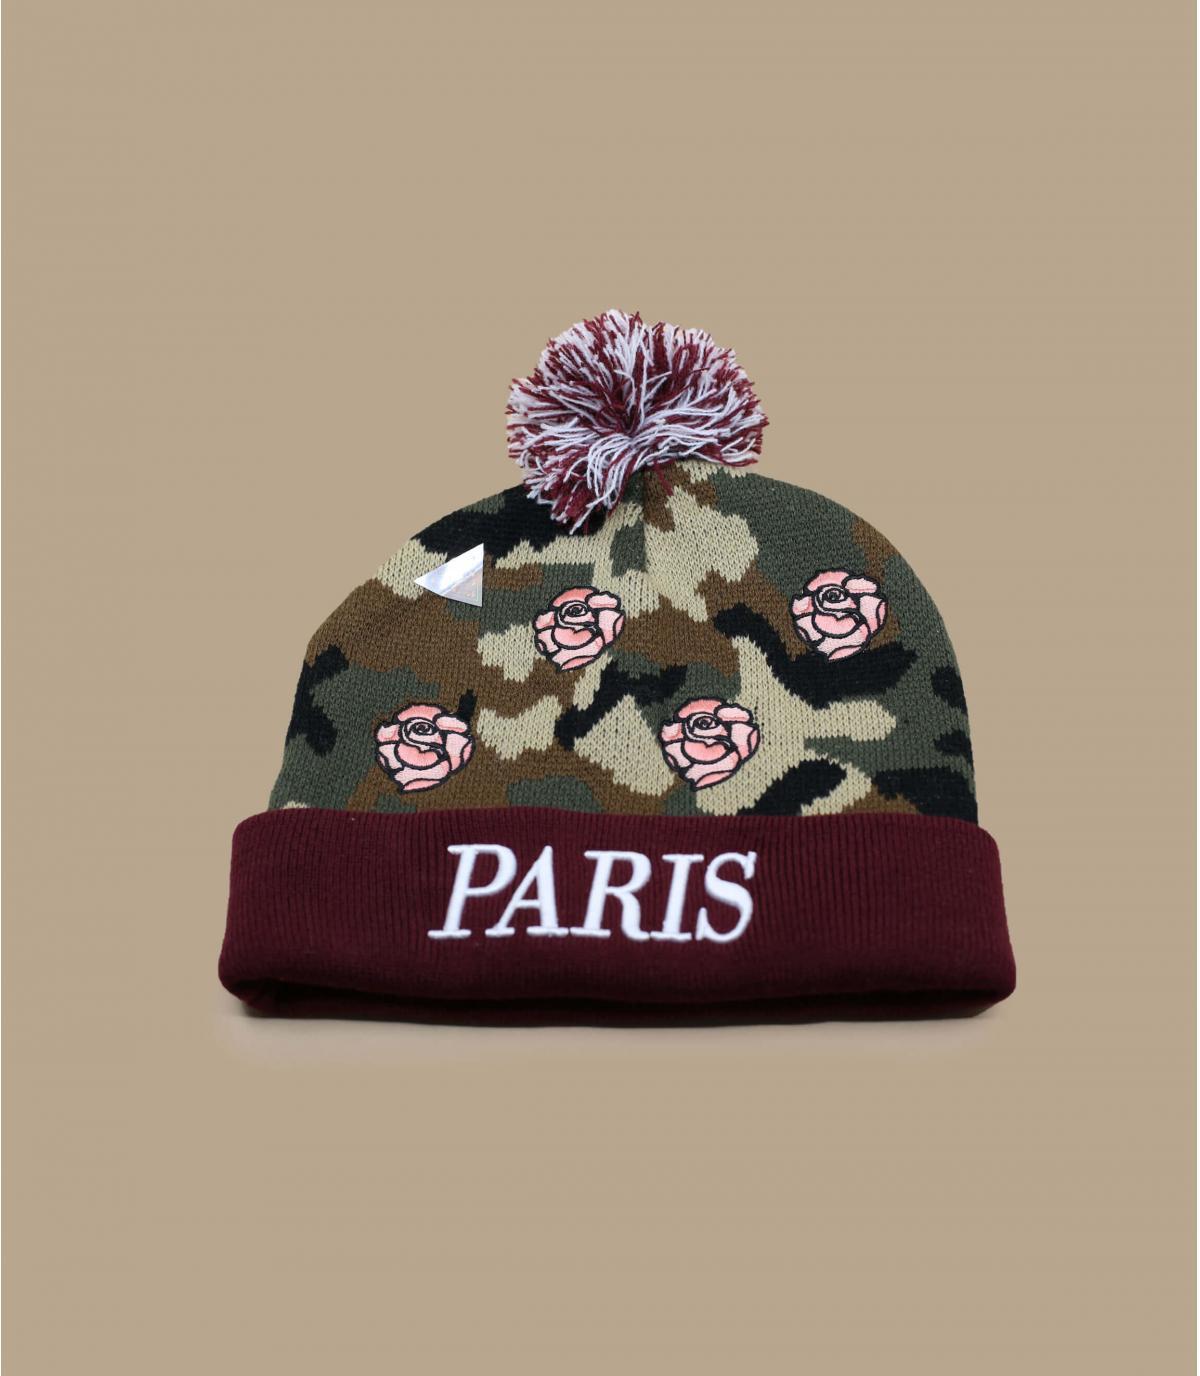 Pariser Mütze Cayler